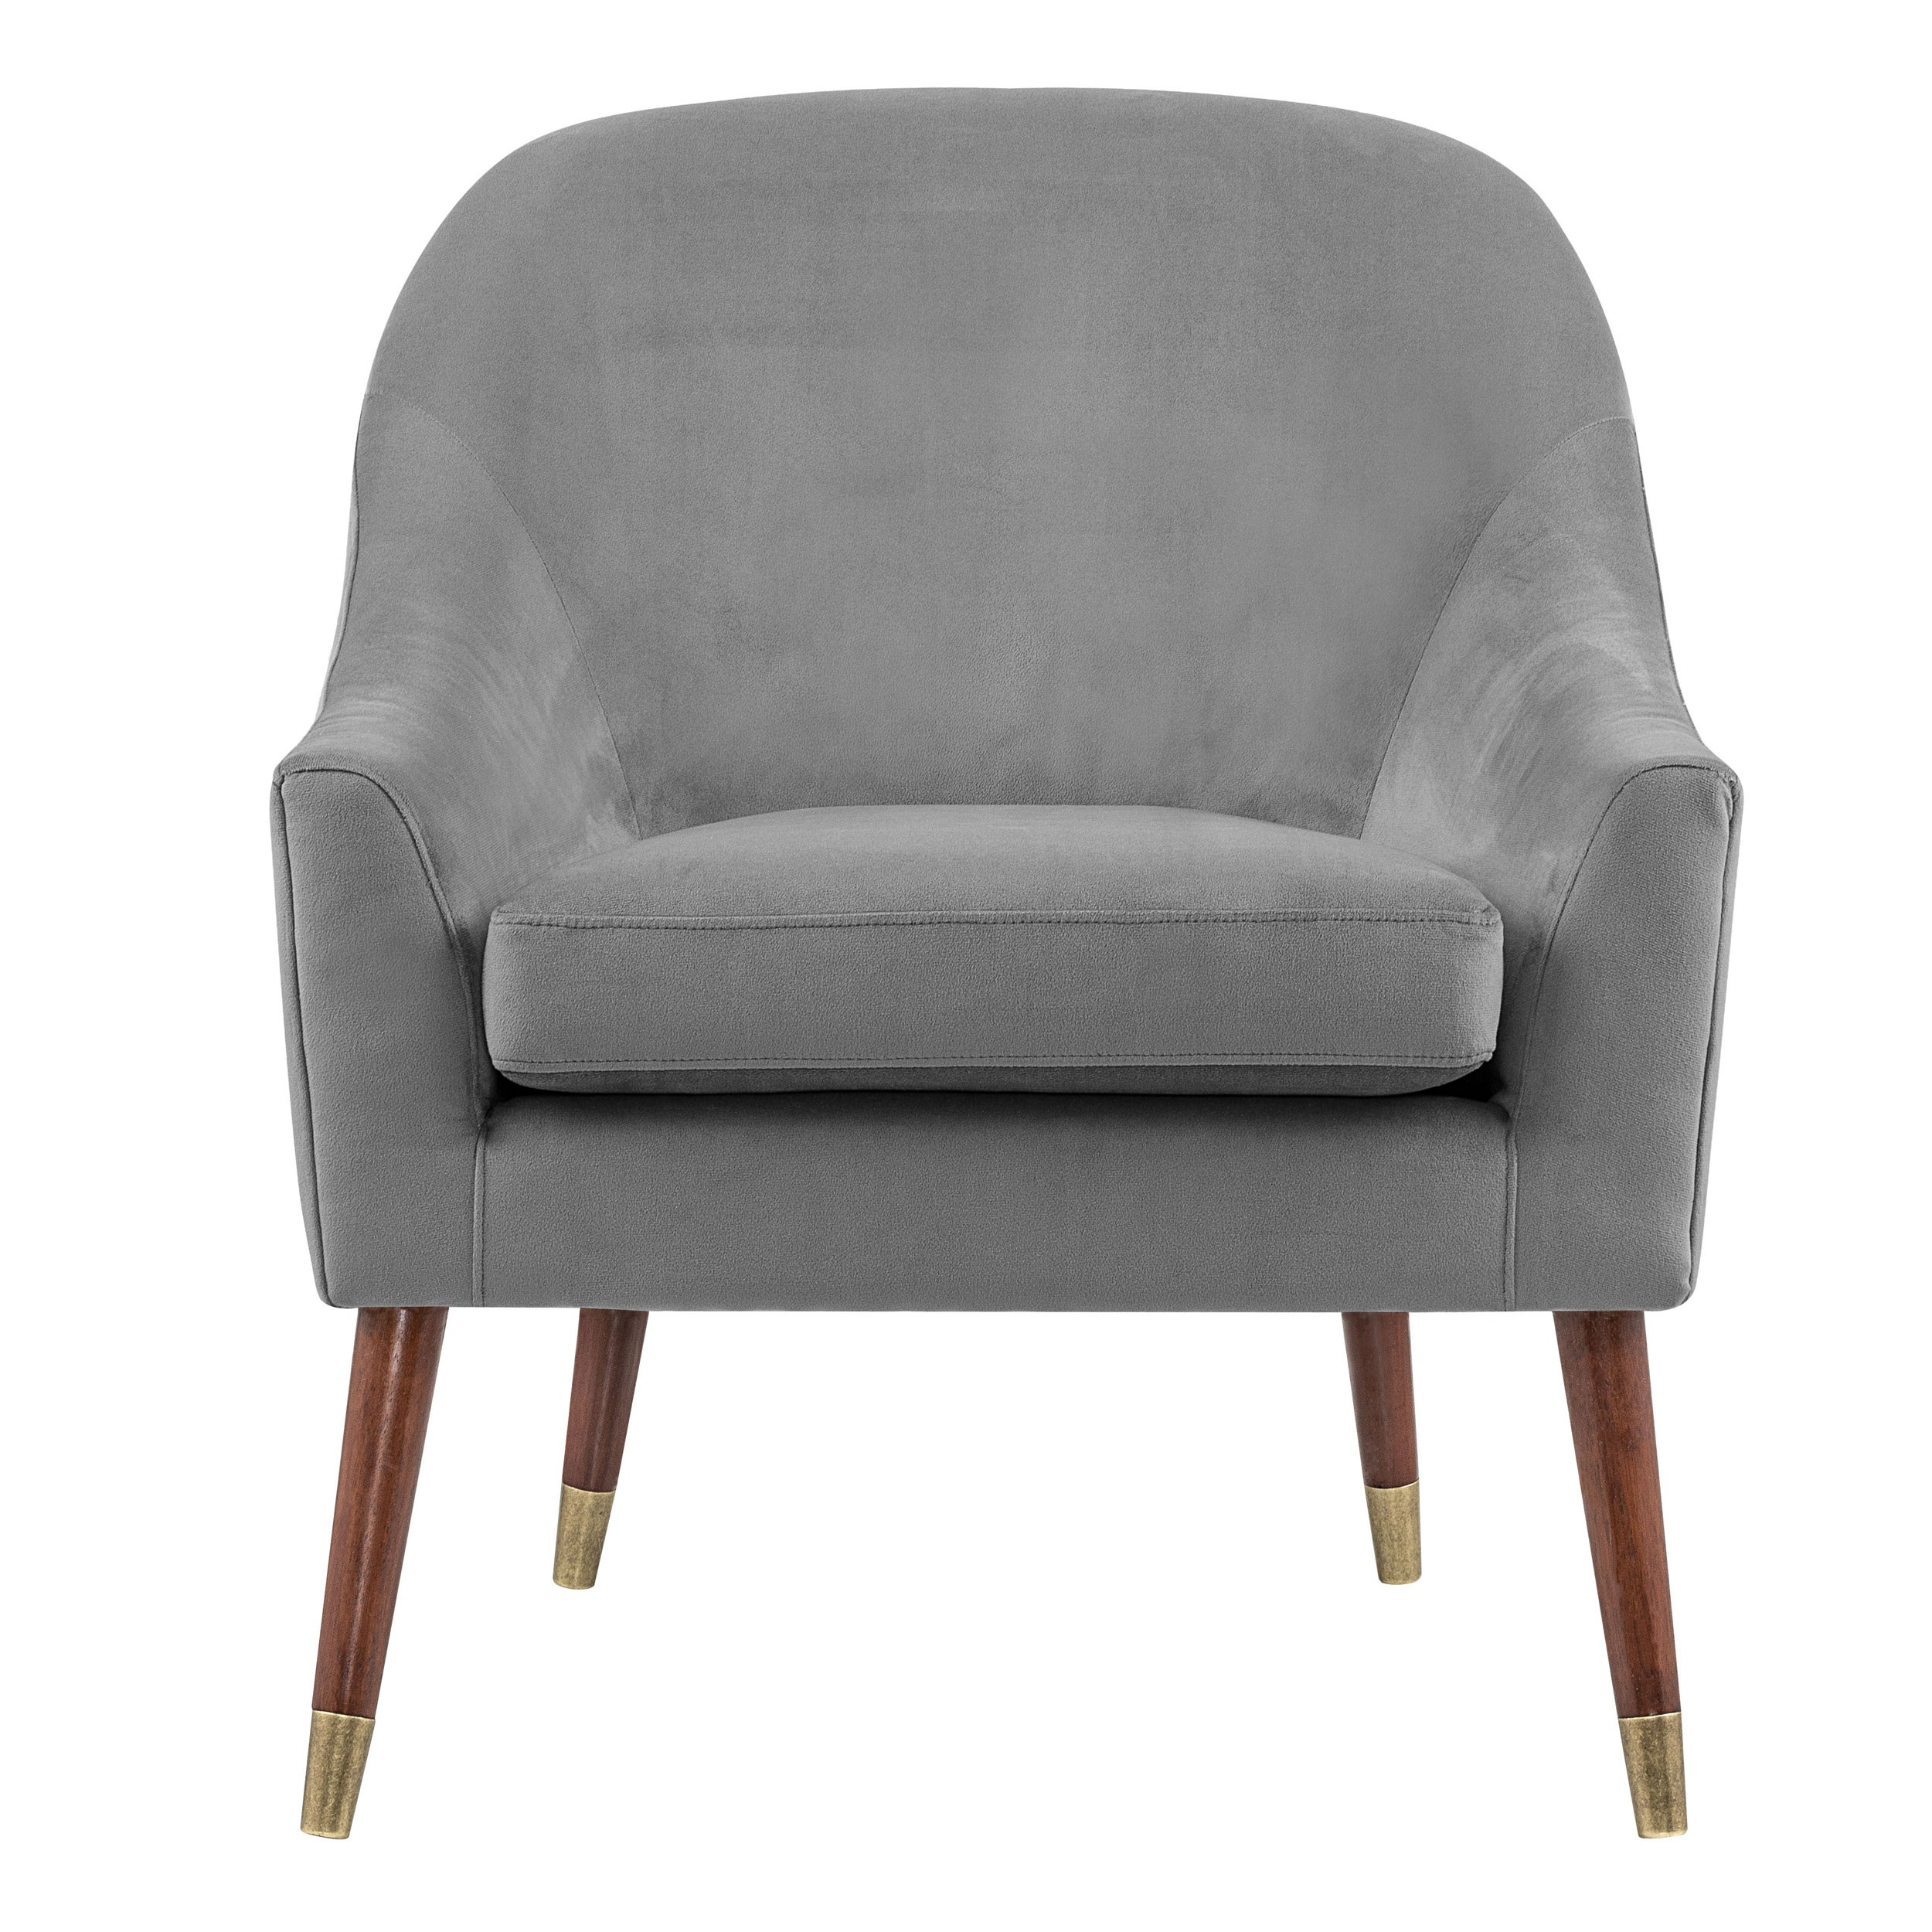 Fauteuil Atlanta en velours gris clair choisissez nos fauteuils